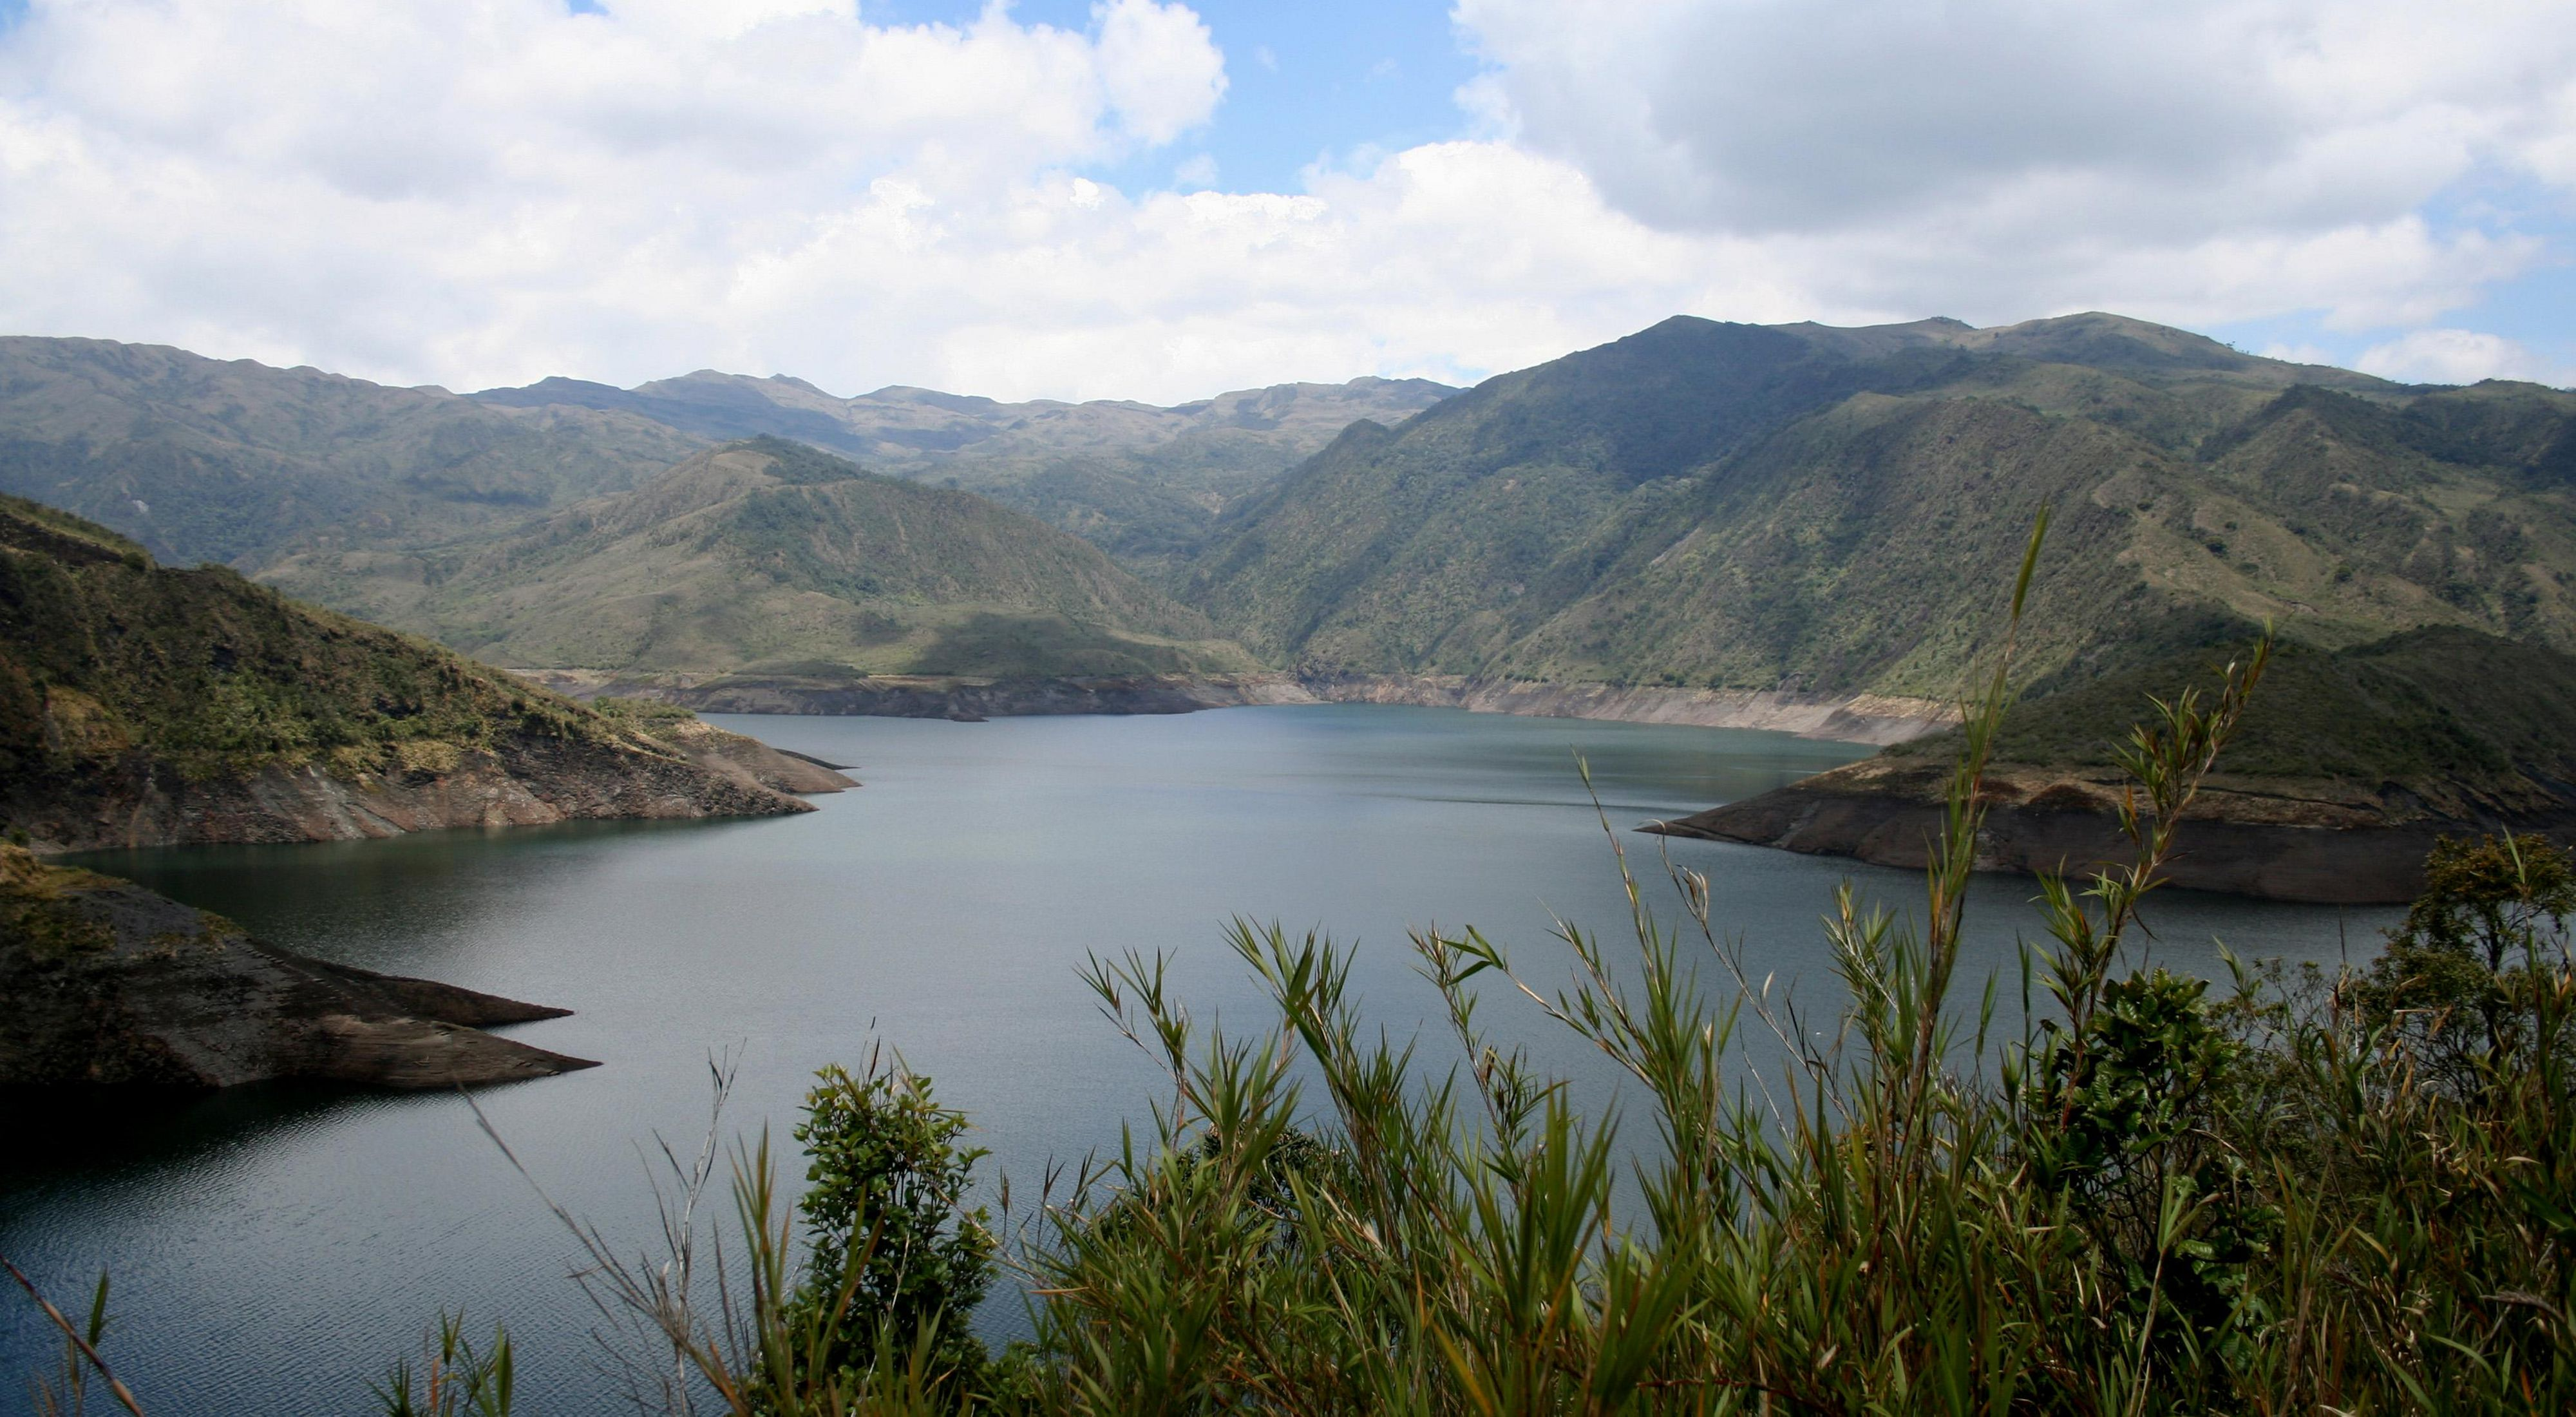 Reservatório de água no Parque Nacional Chingaza, na Colômbia.